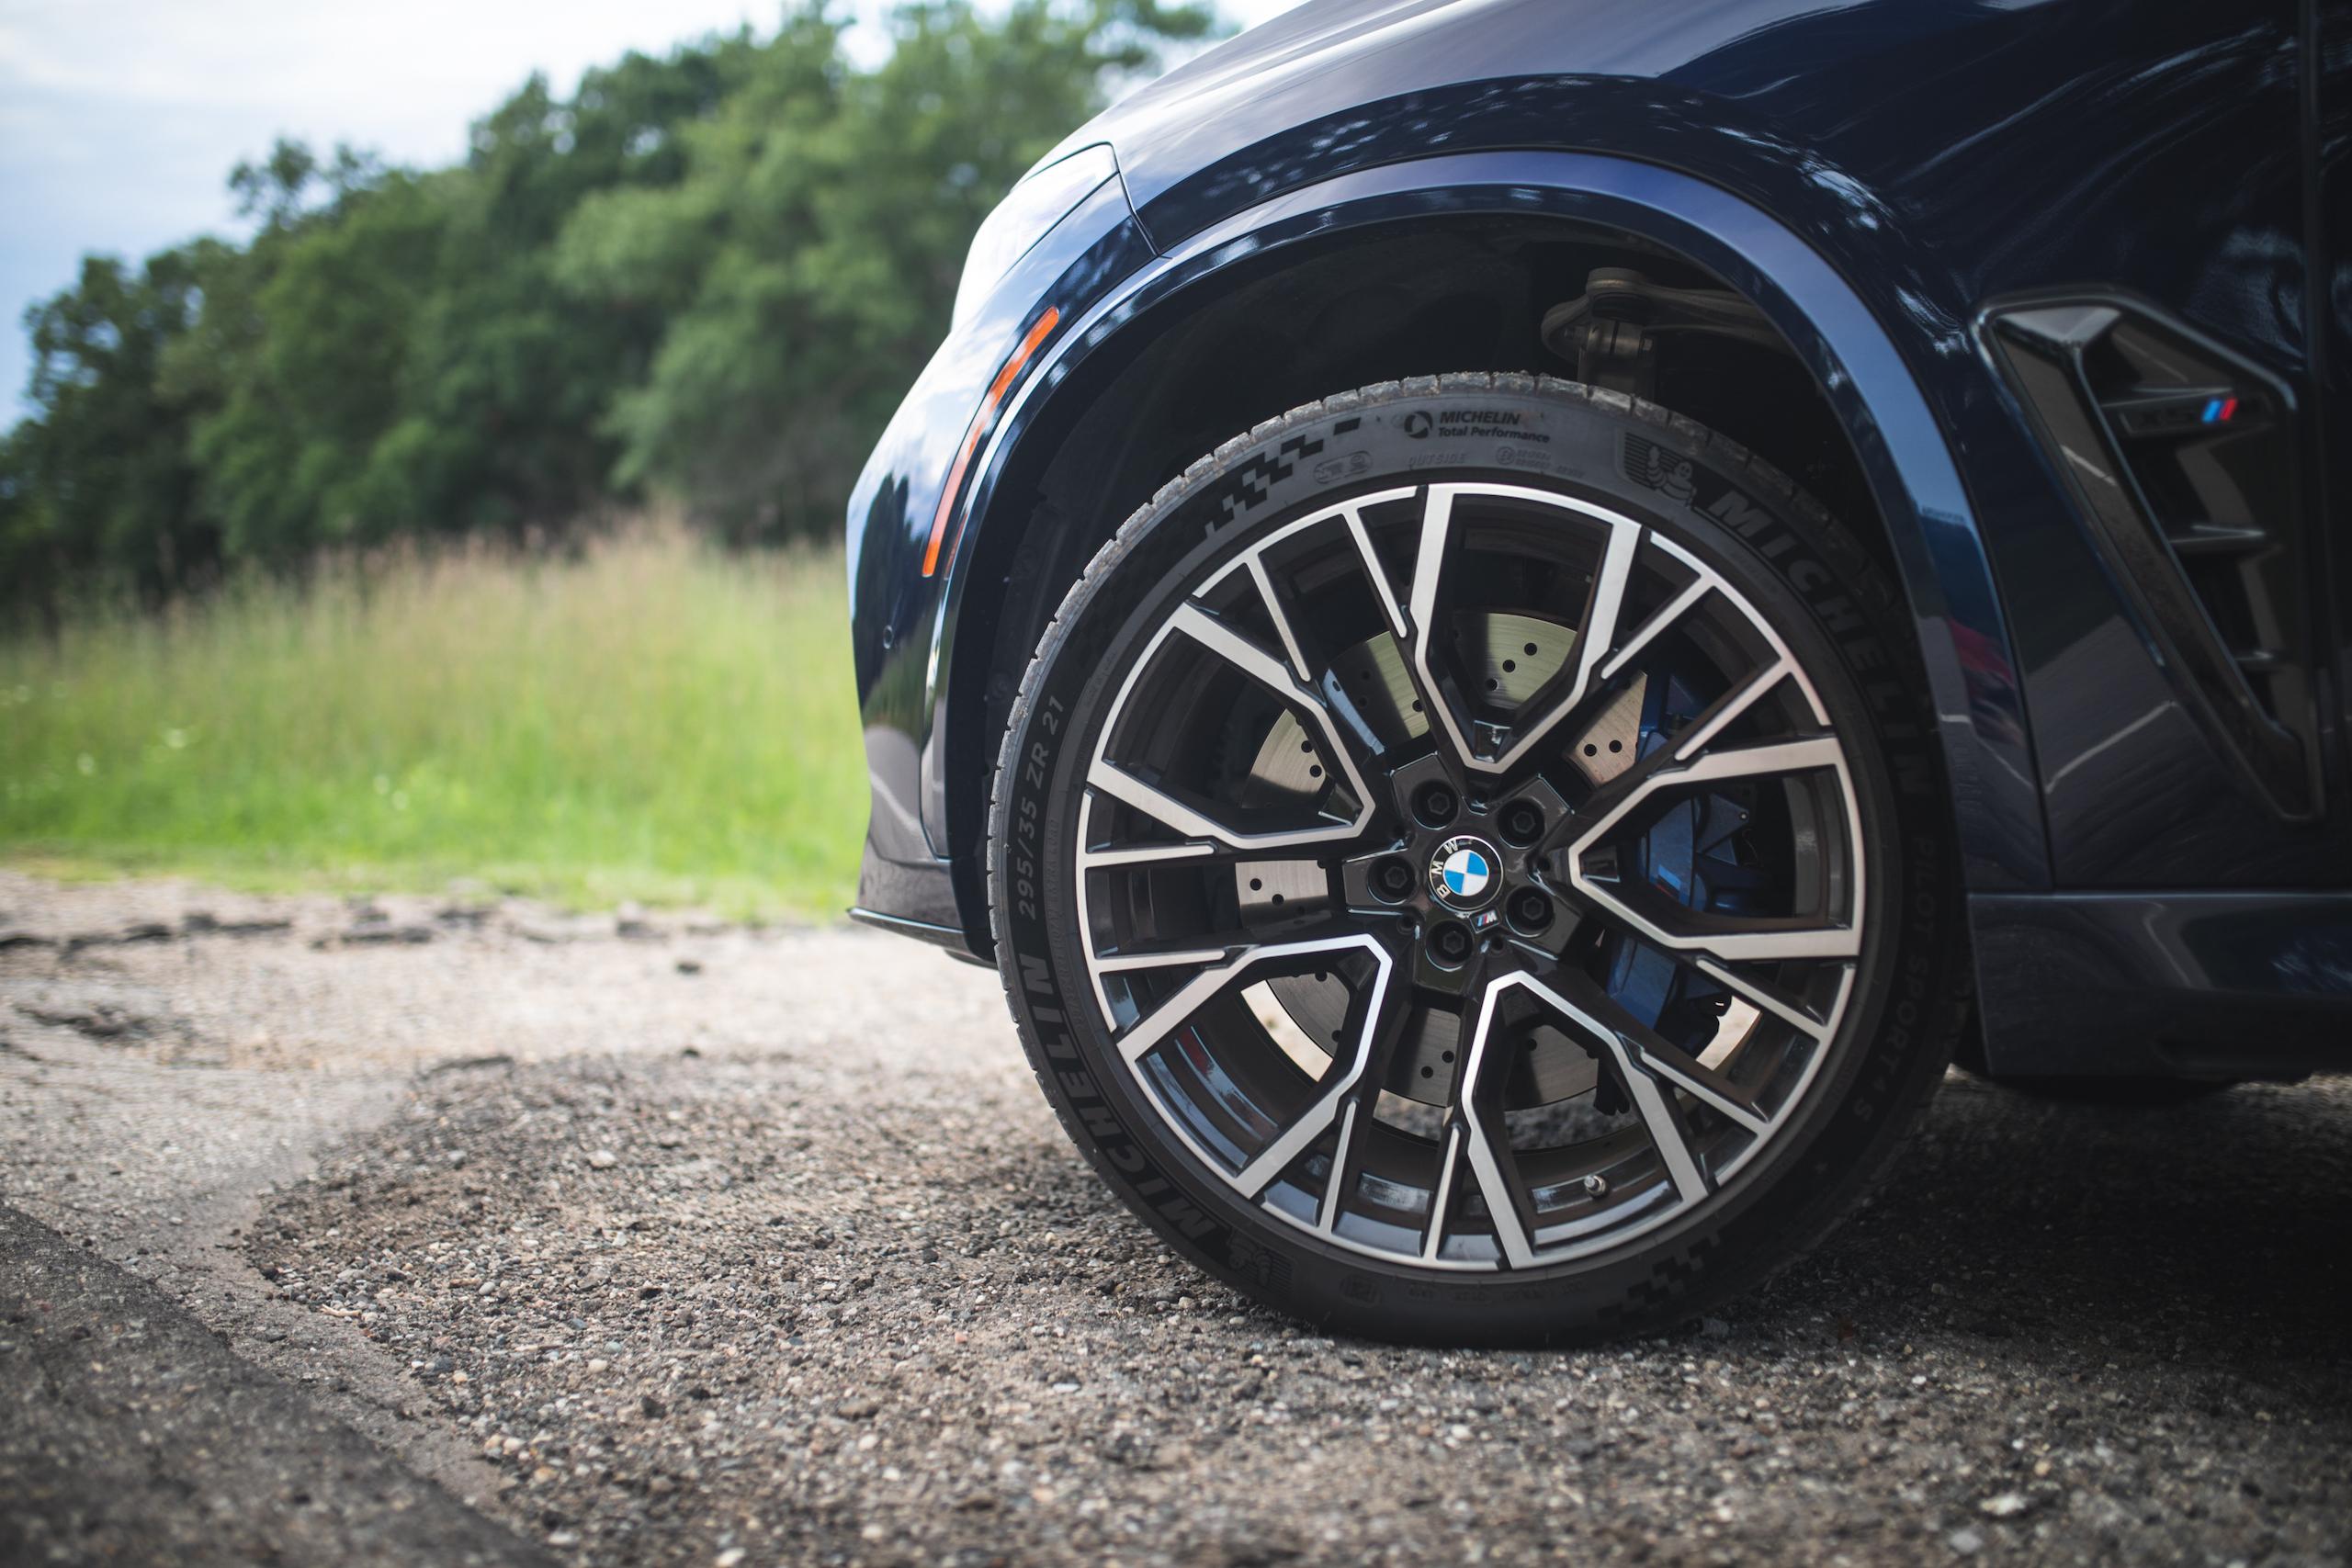 bmw x5m front wheel